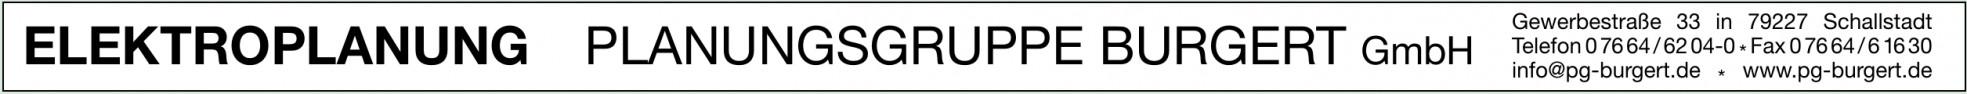 Planungsgruppe Burgert GmbH